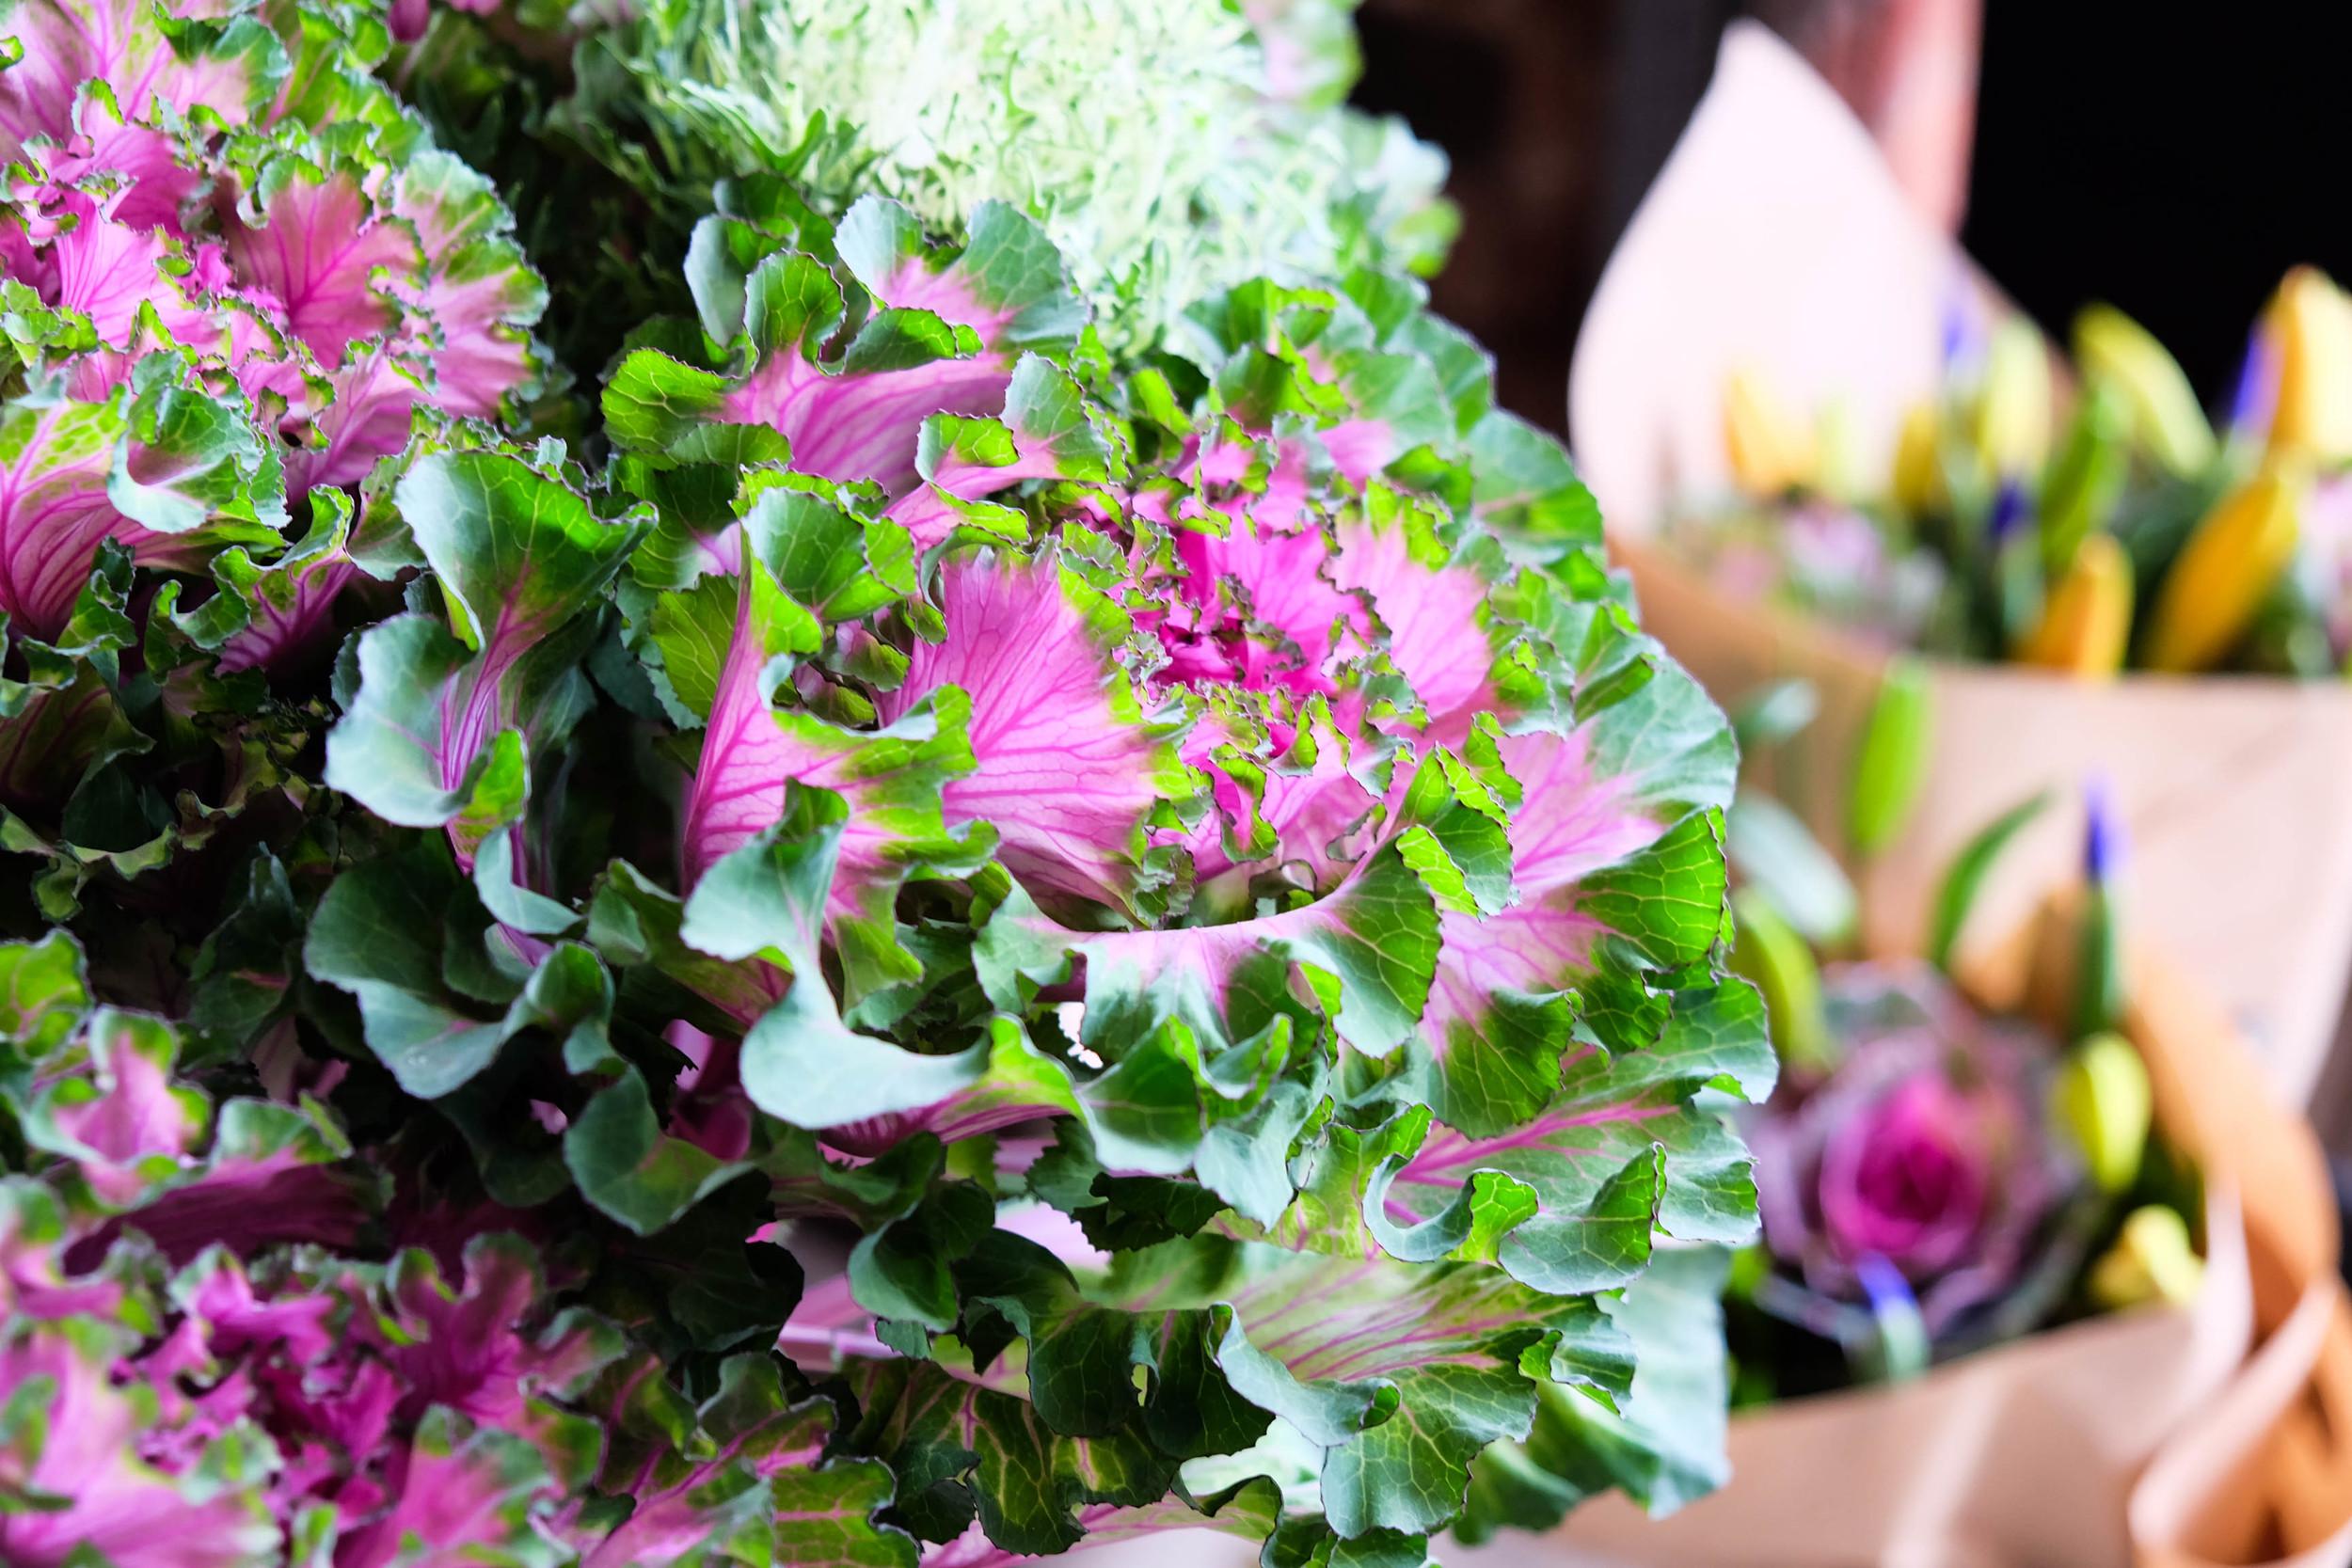 Beautiful kale flowers